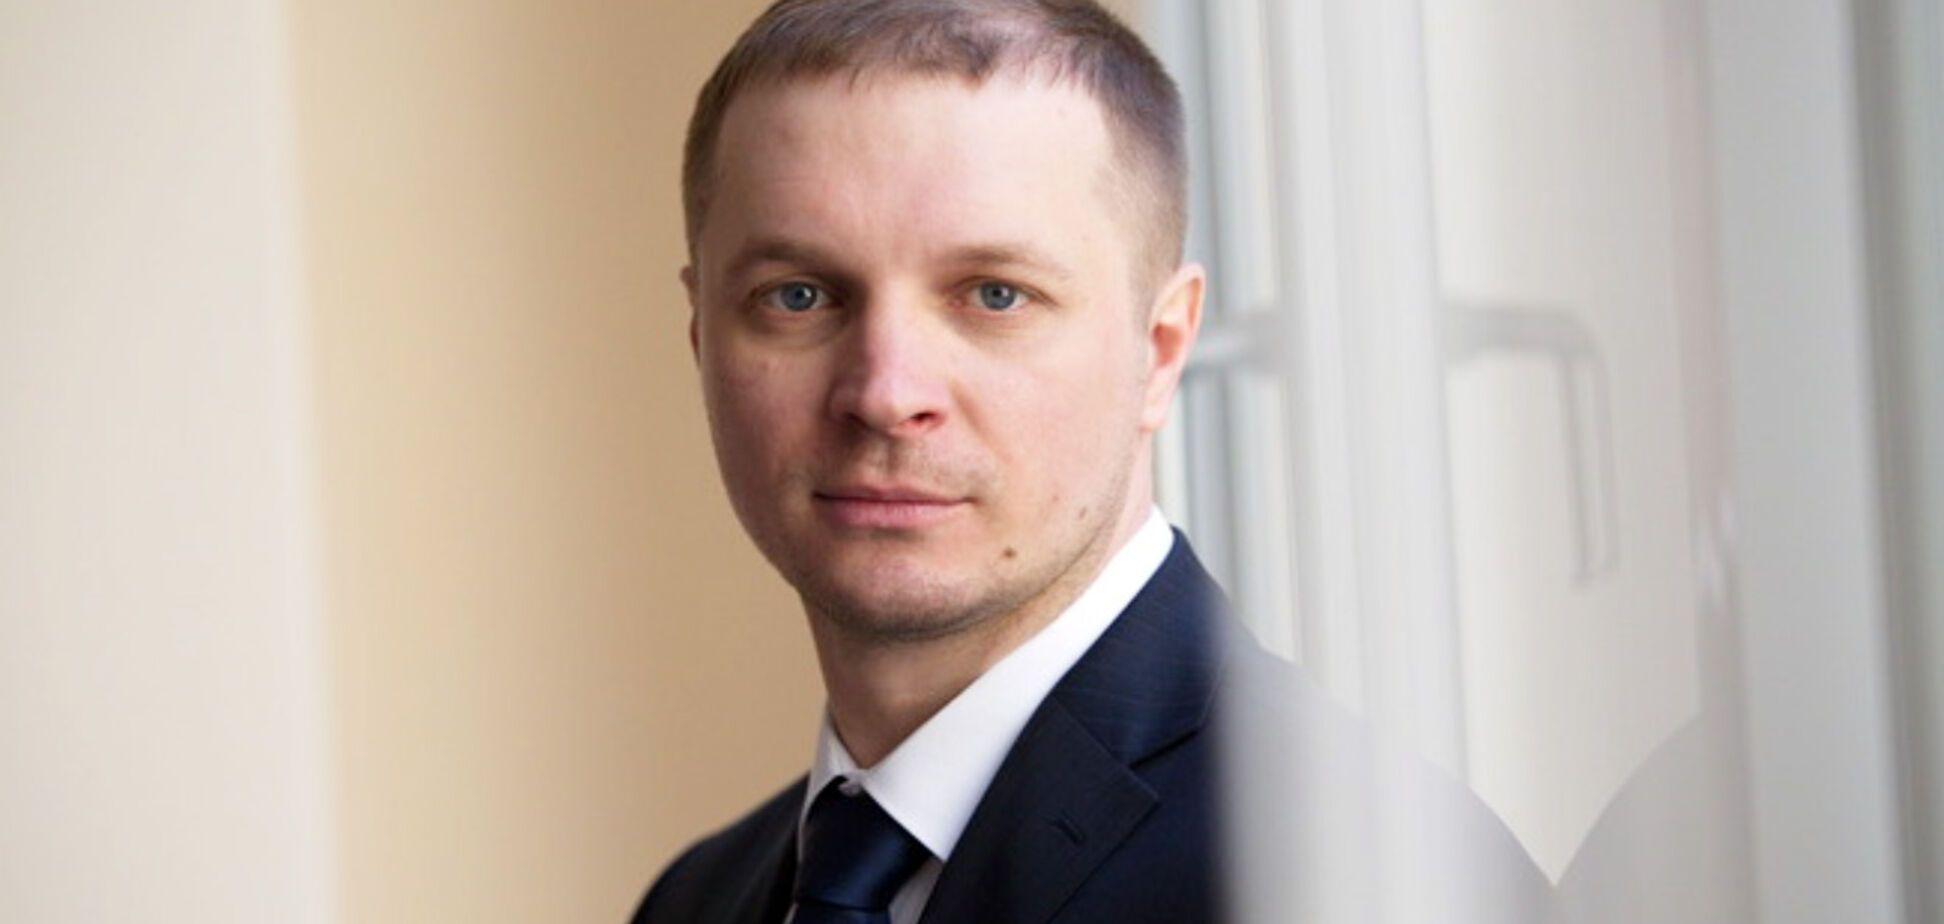 Росії загрожує військова колотнеча. Відокремитися може і Сибір - опозиціонер